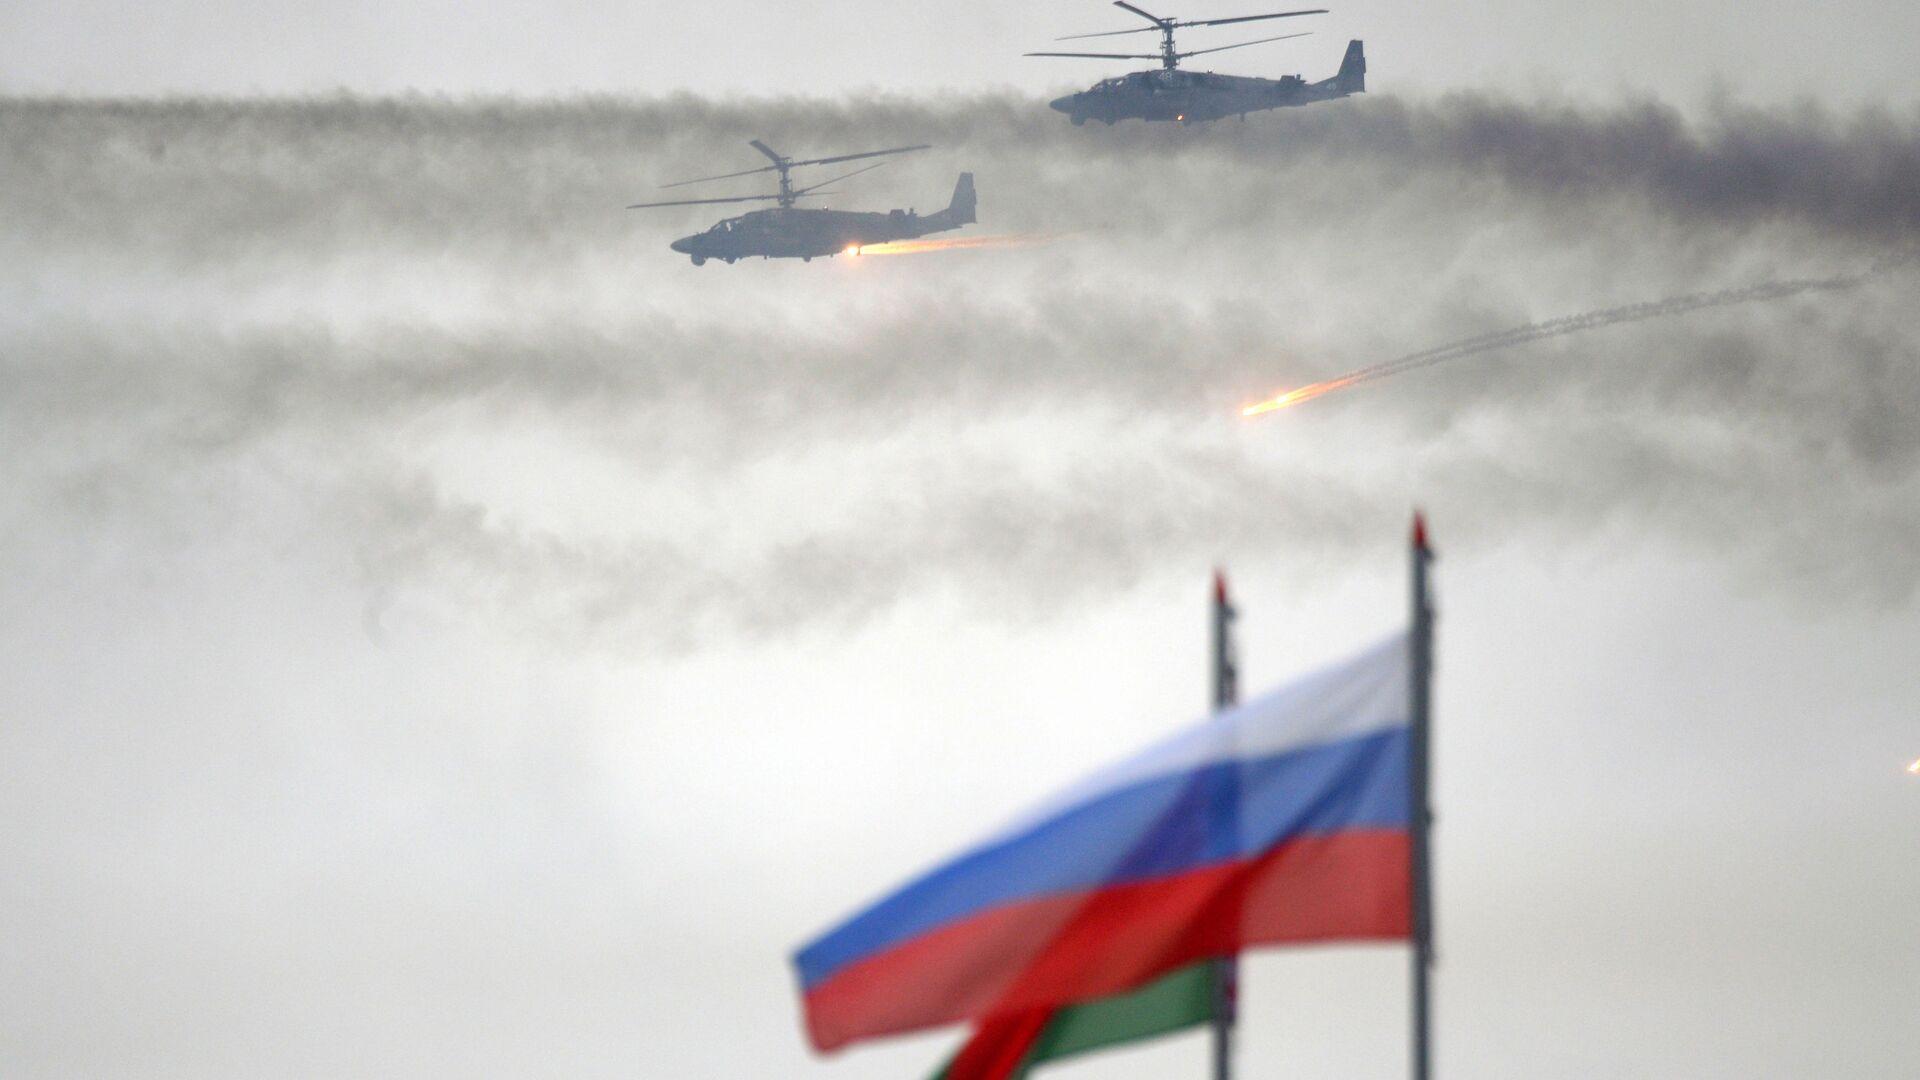 Rosyjsko-białoruskie ćwiczenia wojskowe Zapad 2017 w obwodzie mińskim - Sputnik Polska, 1920, 09.09.2021